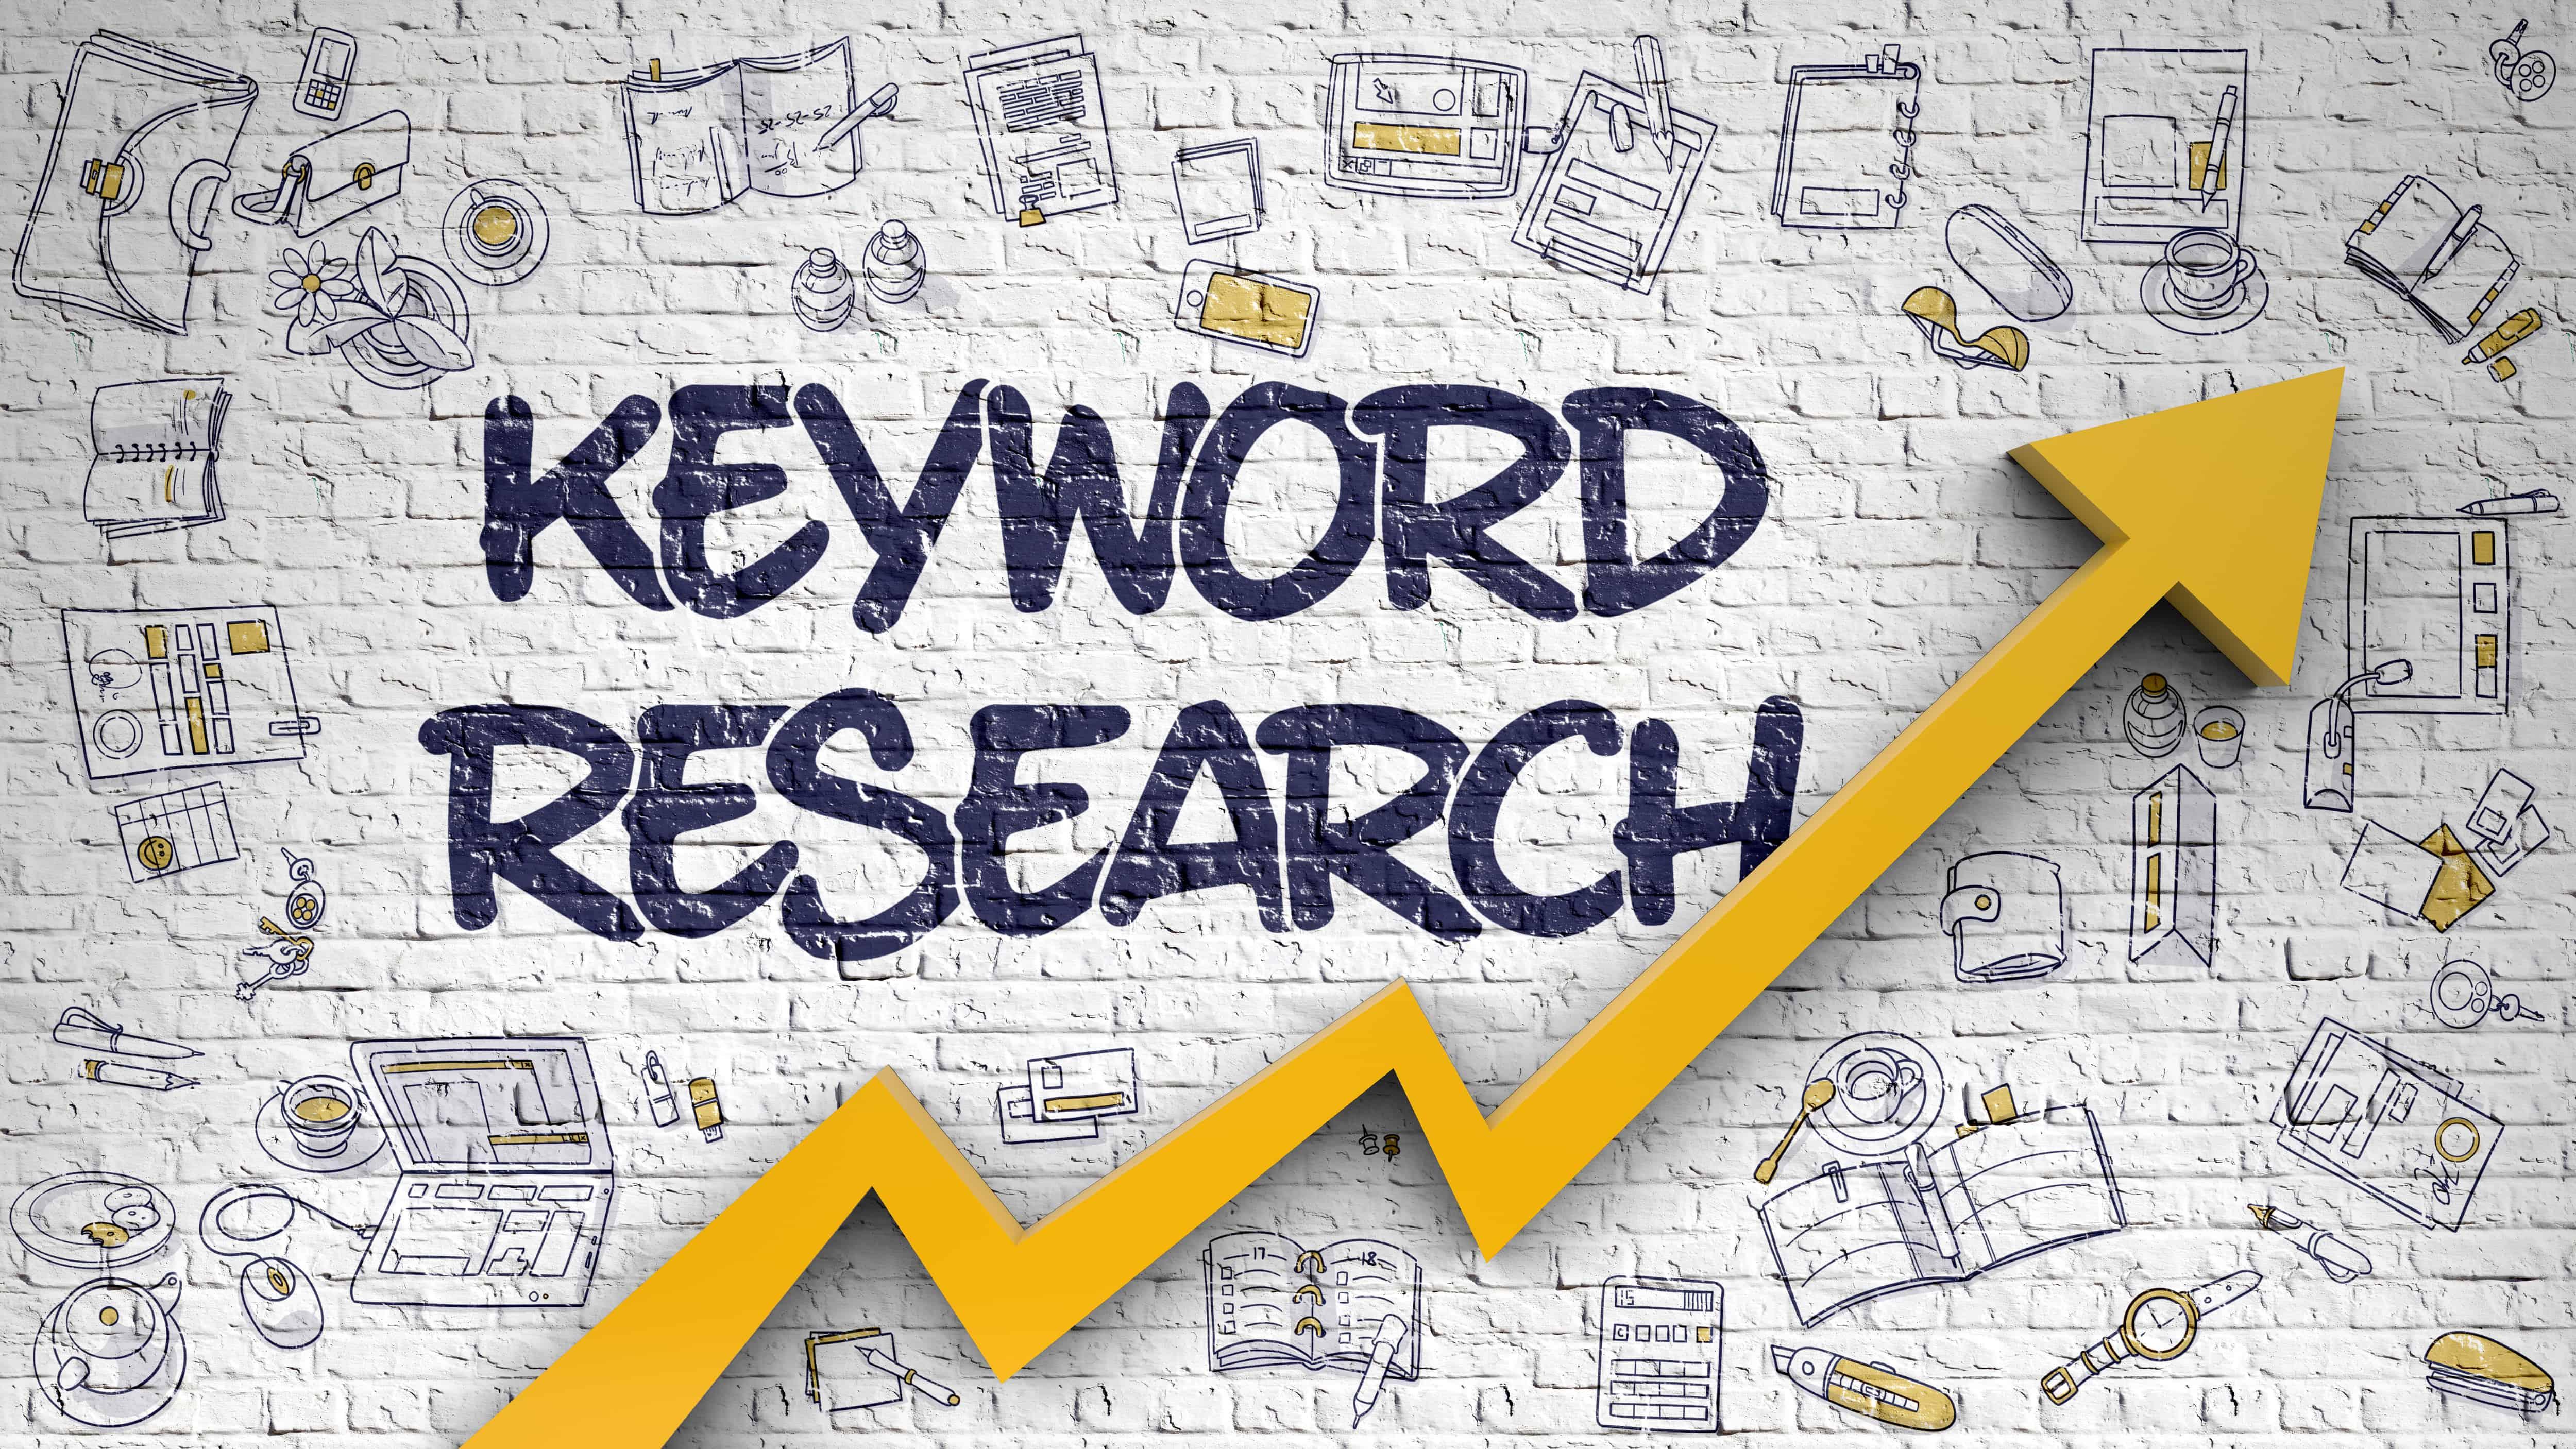 Wyszukiwanie słów kluczowych narzędzia